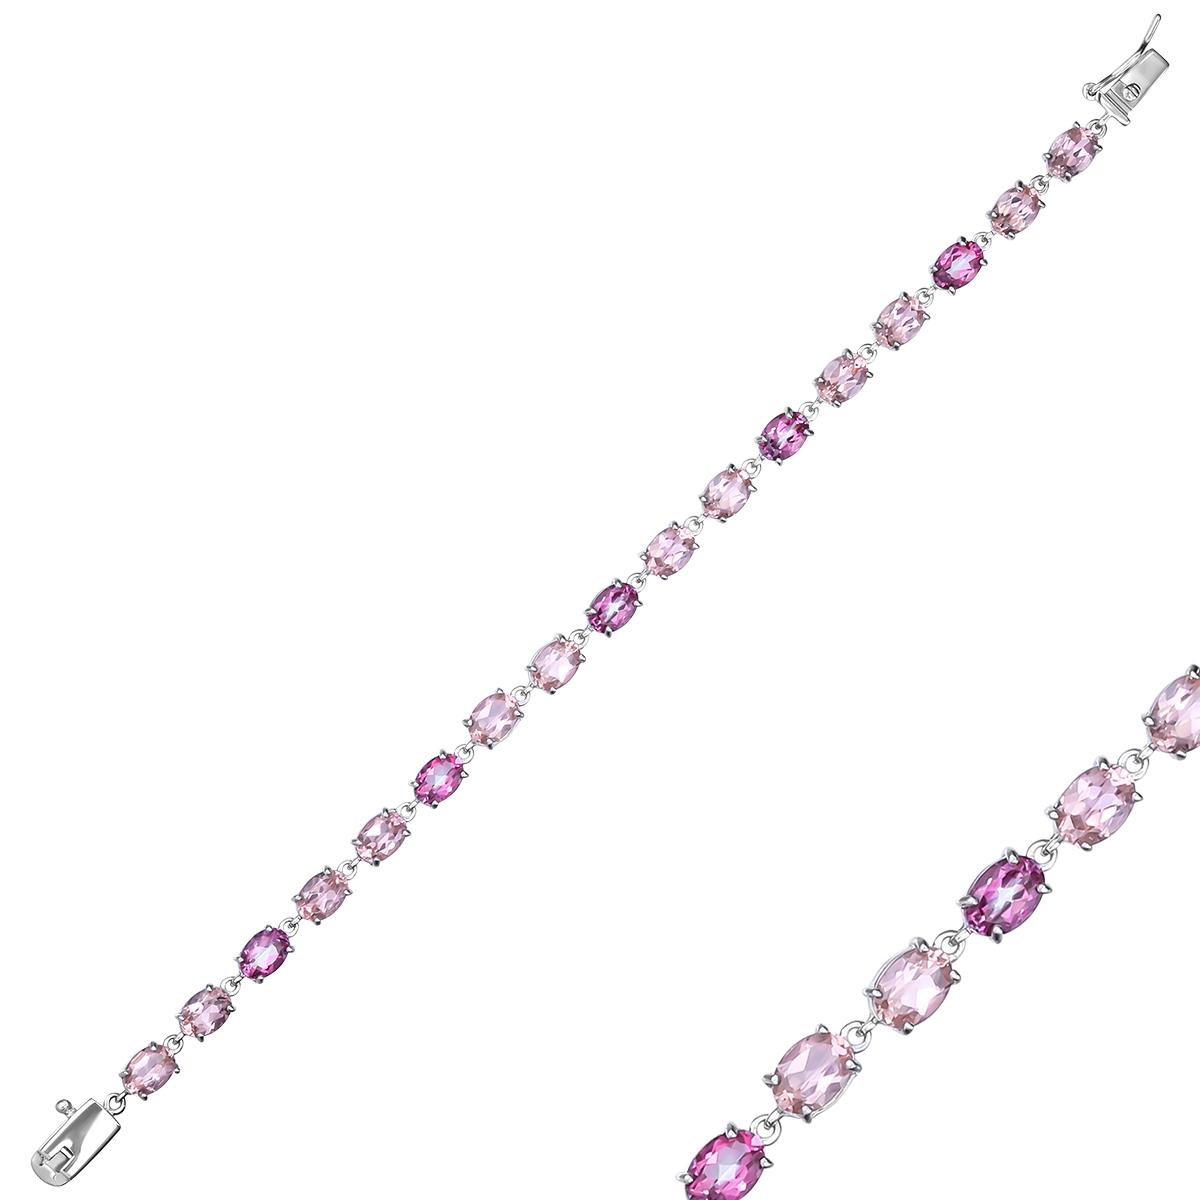 Браслет женский Balex Jewellery 7457930014 из серебра, топаз/морганит, р. 18